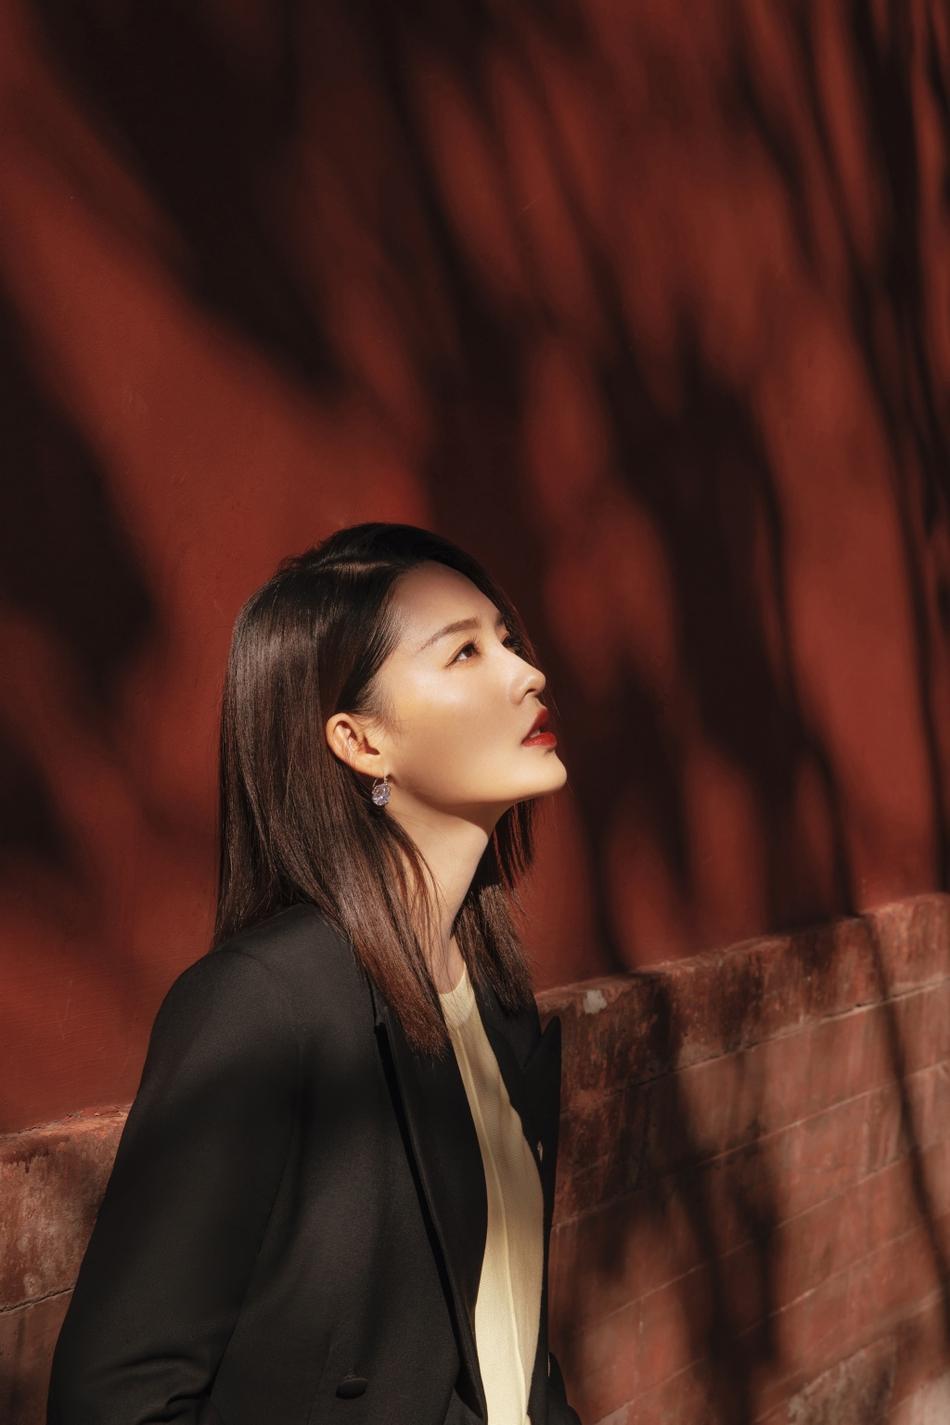 李沁穿黑色西装有女强人的姿态,光影交错意境悠远